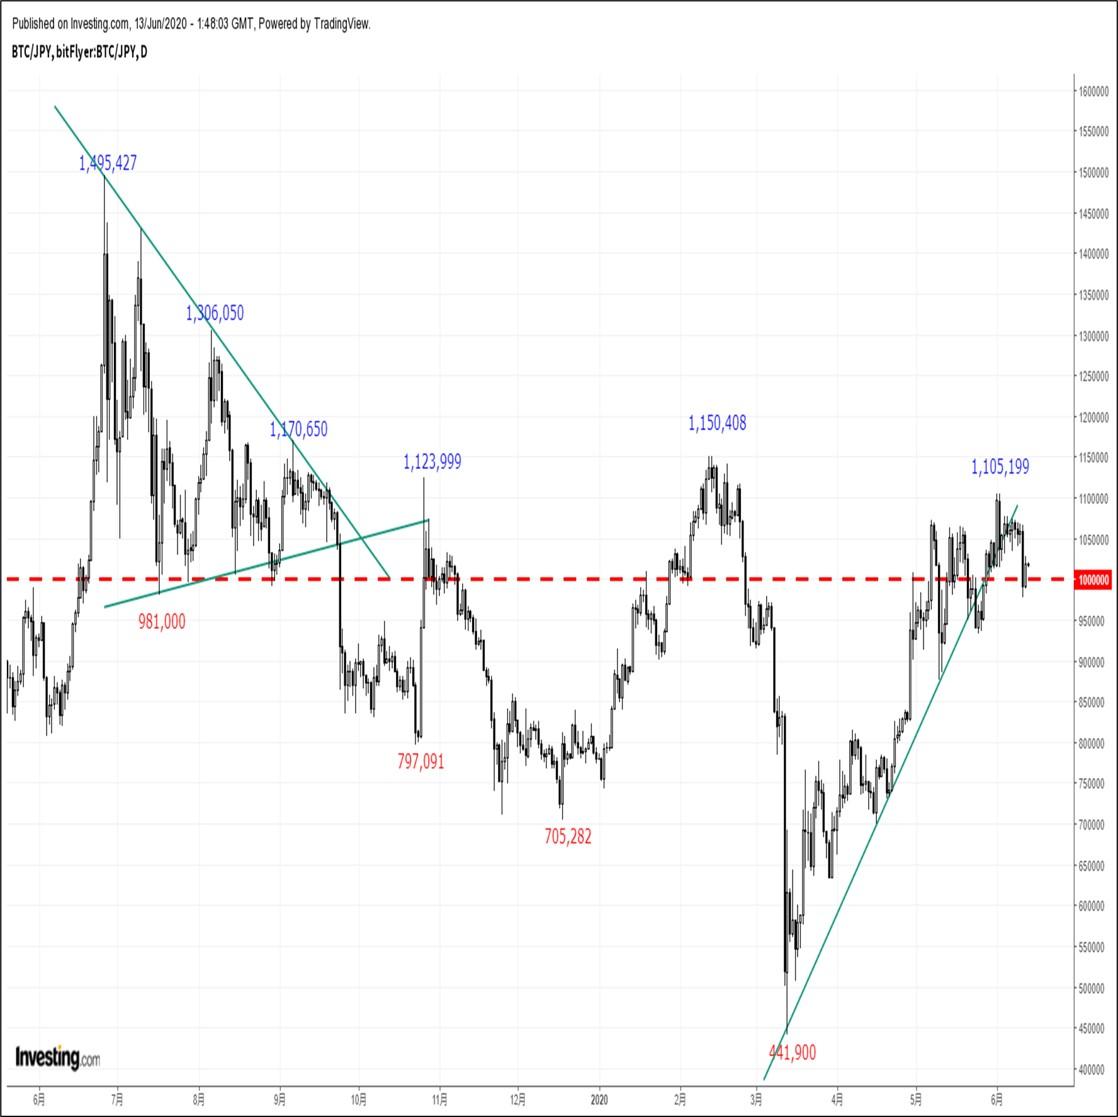 ビットコインの価格分析:『新型コロナ第2波懸念を受けて心理的節目100万円を一時割り込む』